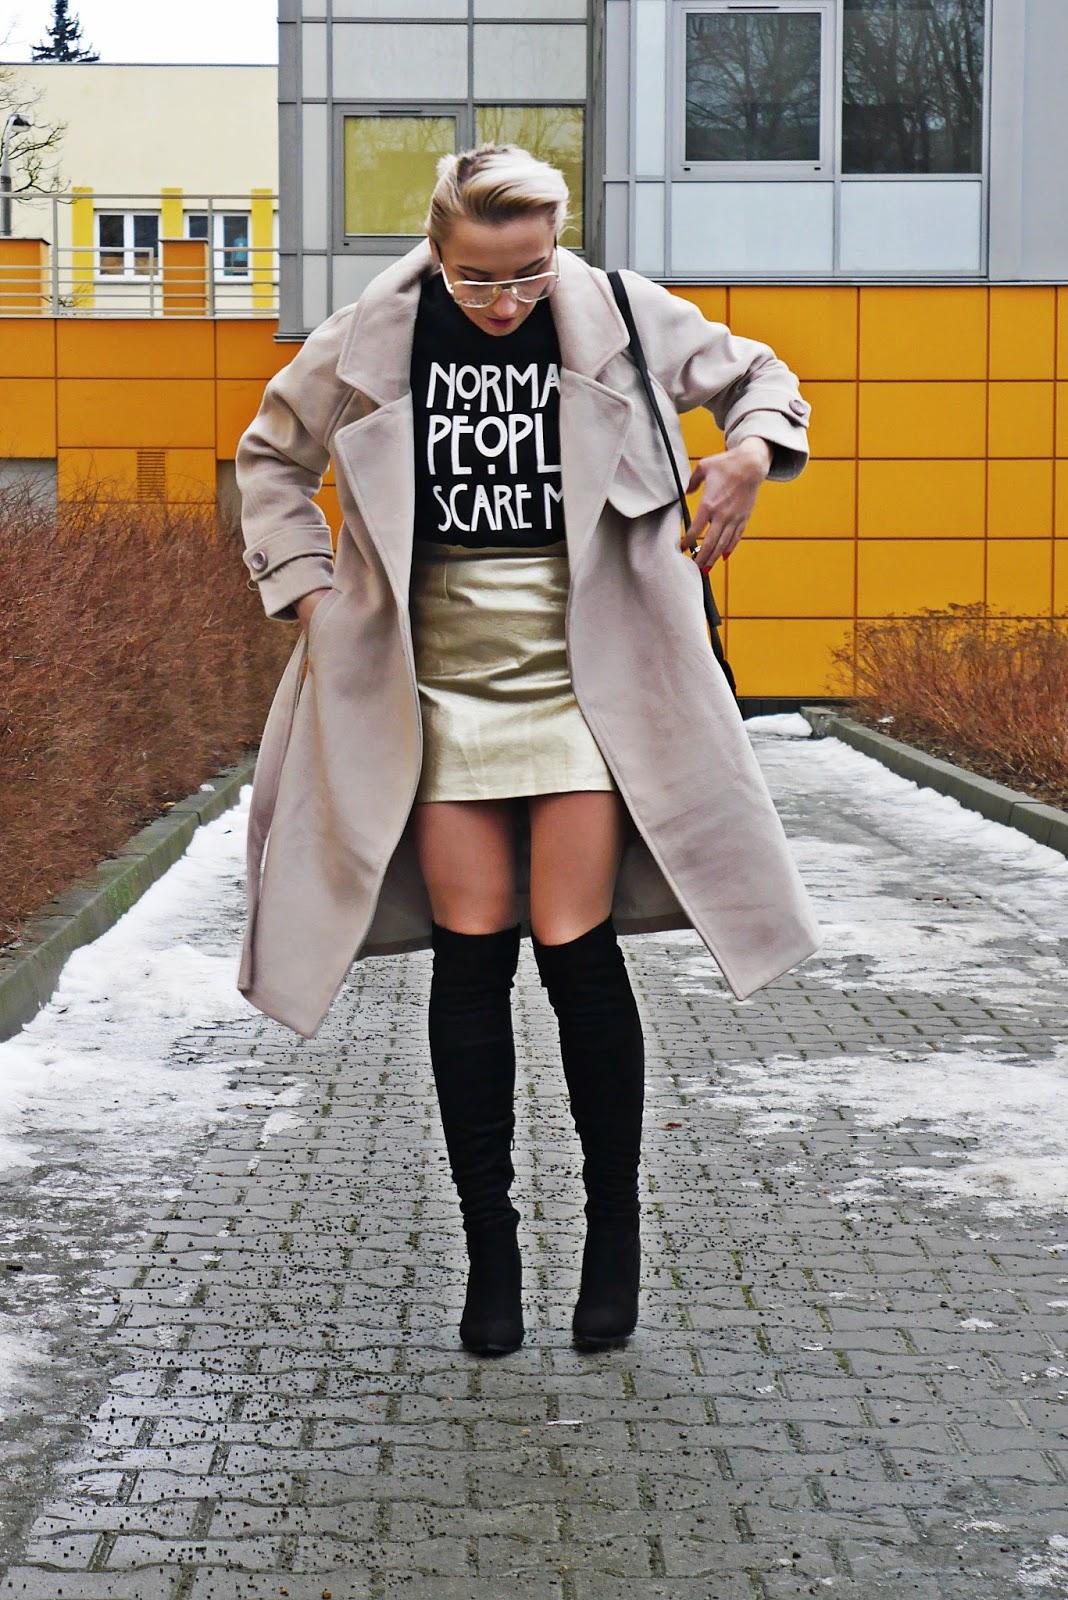 czarna_bluza_z_napisem_botki_za_kolano_karyn_230117